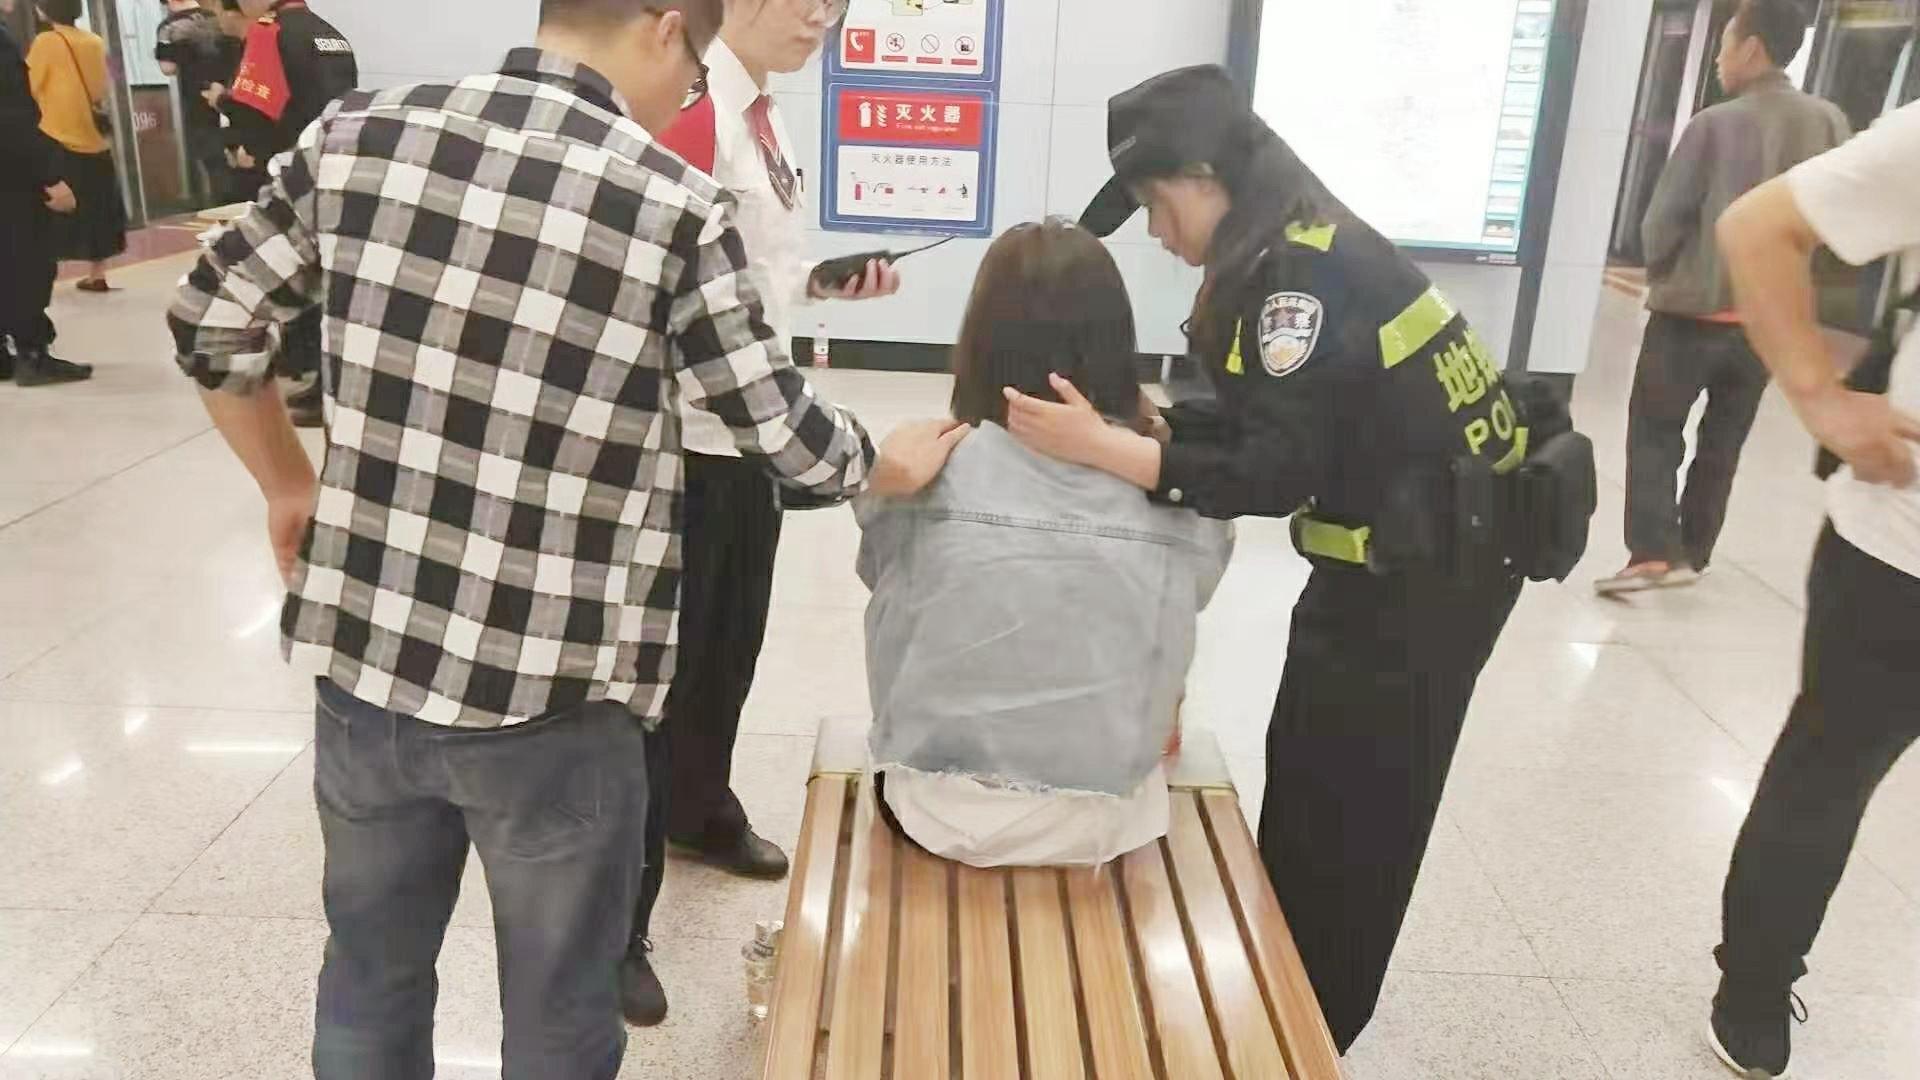 9月26日8点50分,鱼化寨站警务室孙雄、尚喆接到二级平台通知